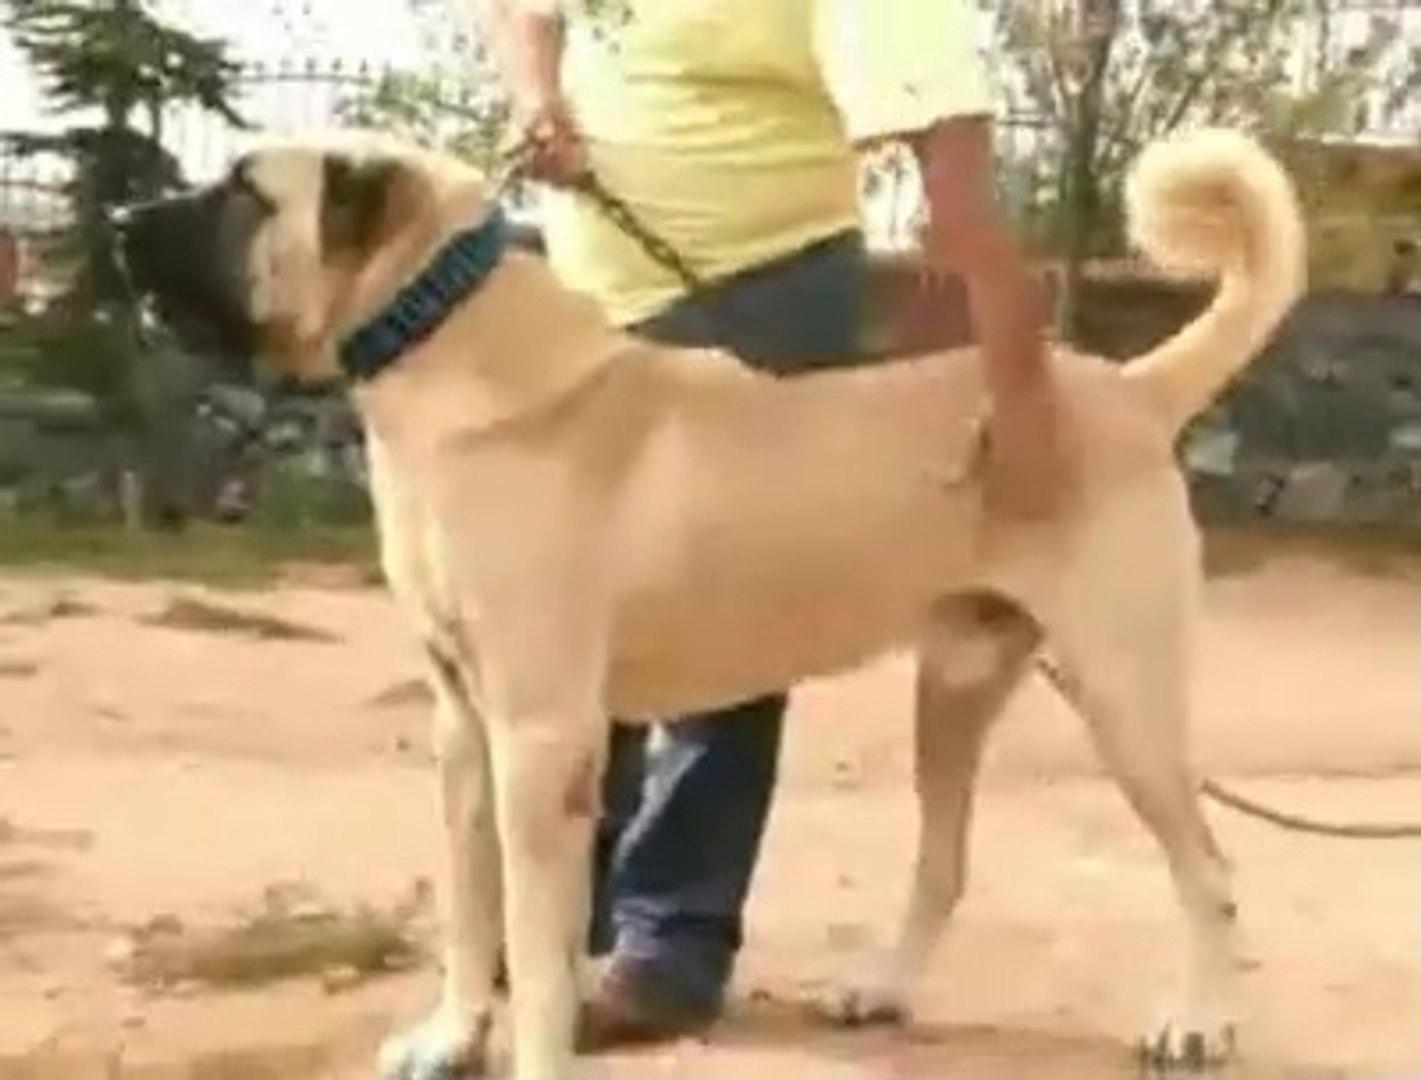 DEV COBAN KOPEKLERi KARSILASTI KIYASIYA ATISMA YAPTI - GiANT SHEPHERD DOGS VS